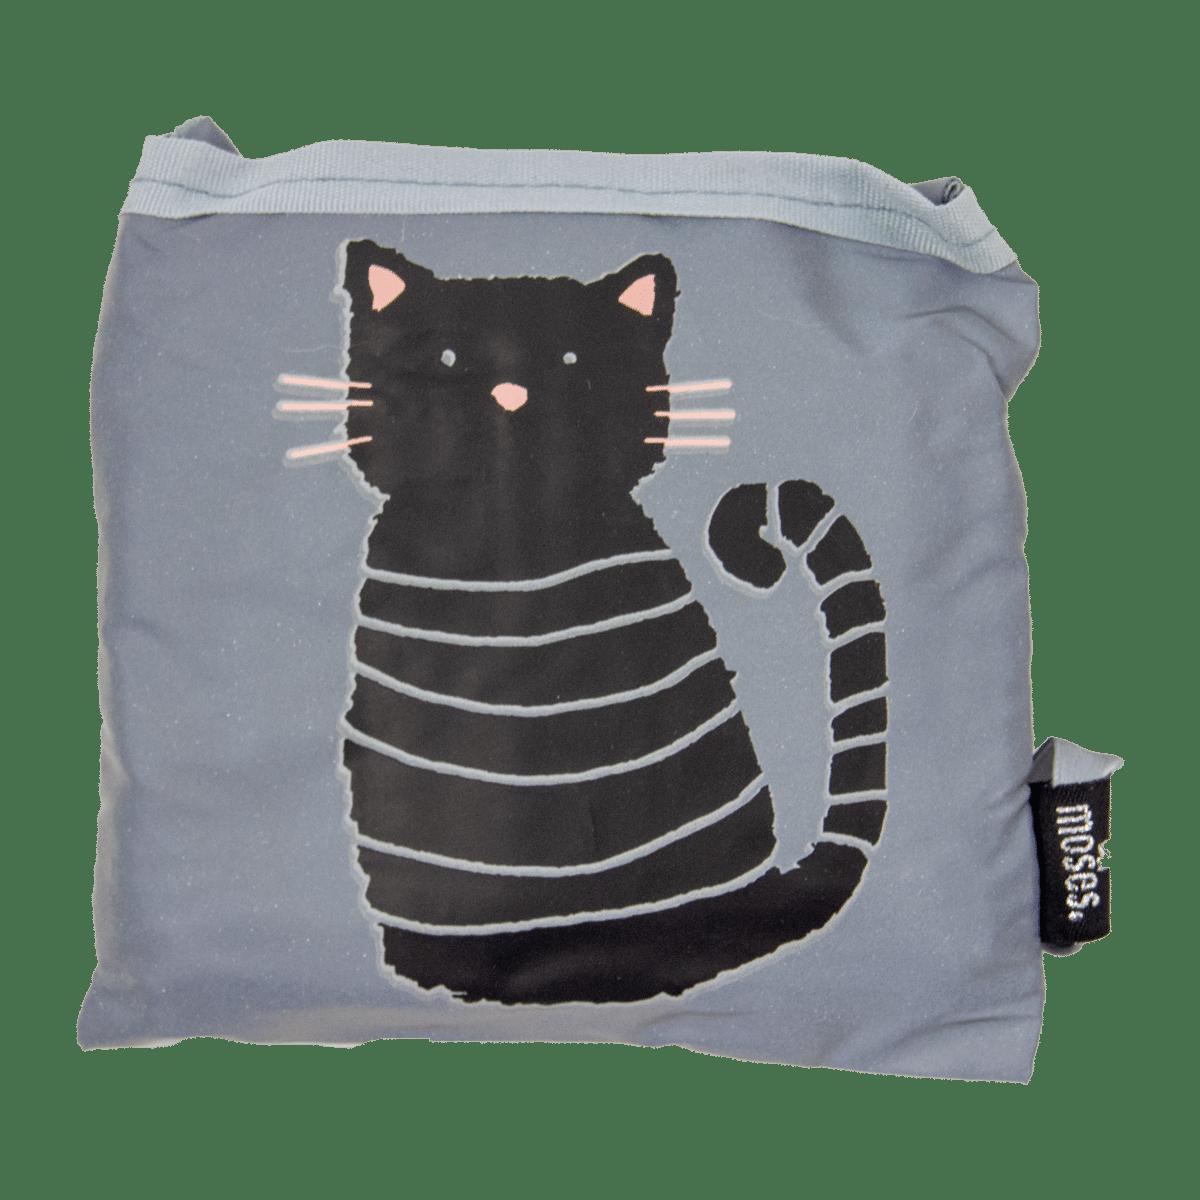 Shoppingkasse med katt och som är en reflex